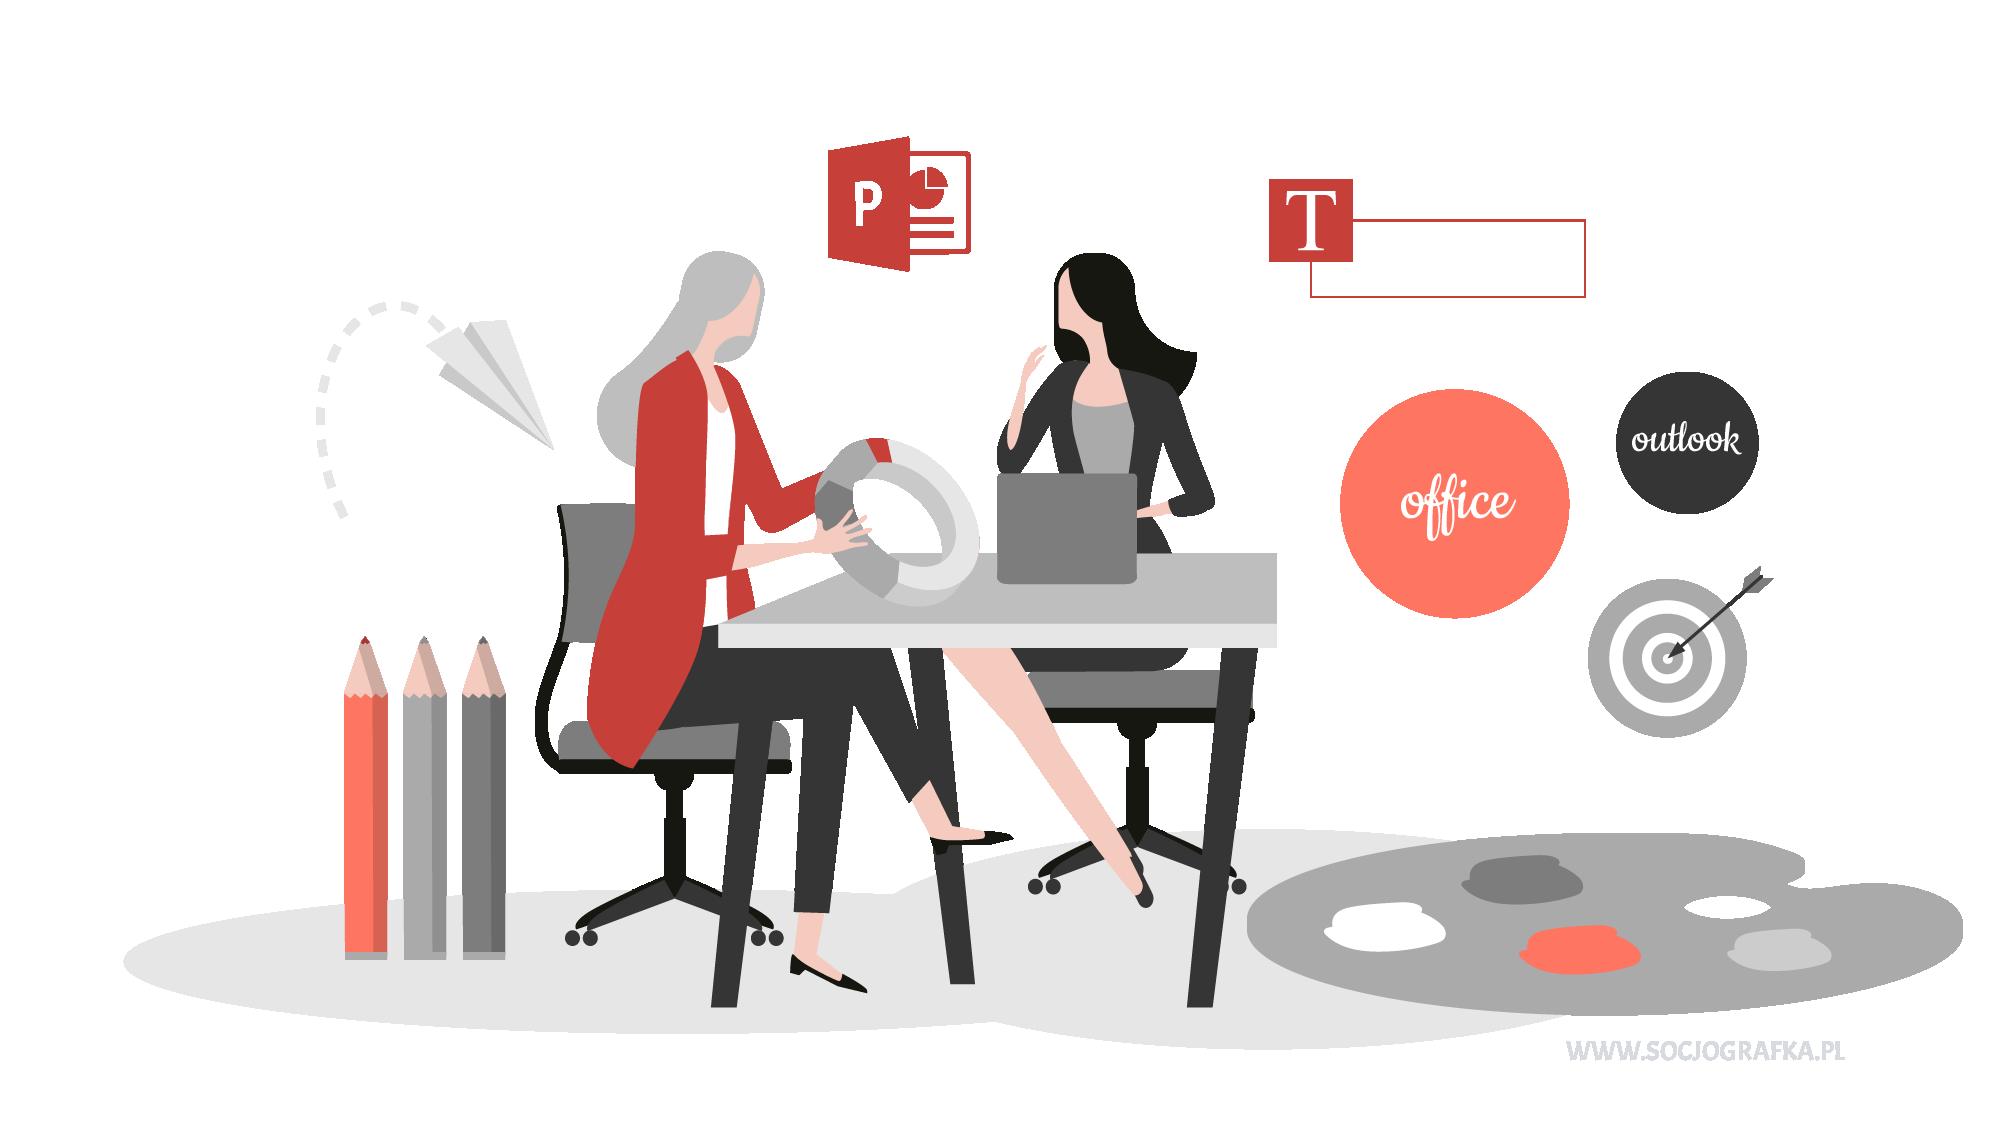 szkolenie Office jak projektować w Word, PowerPoint czy Outlook